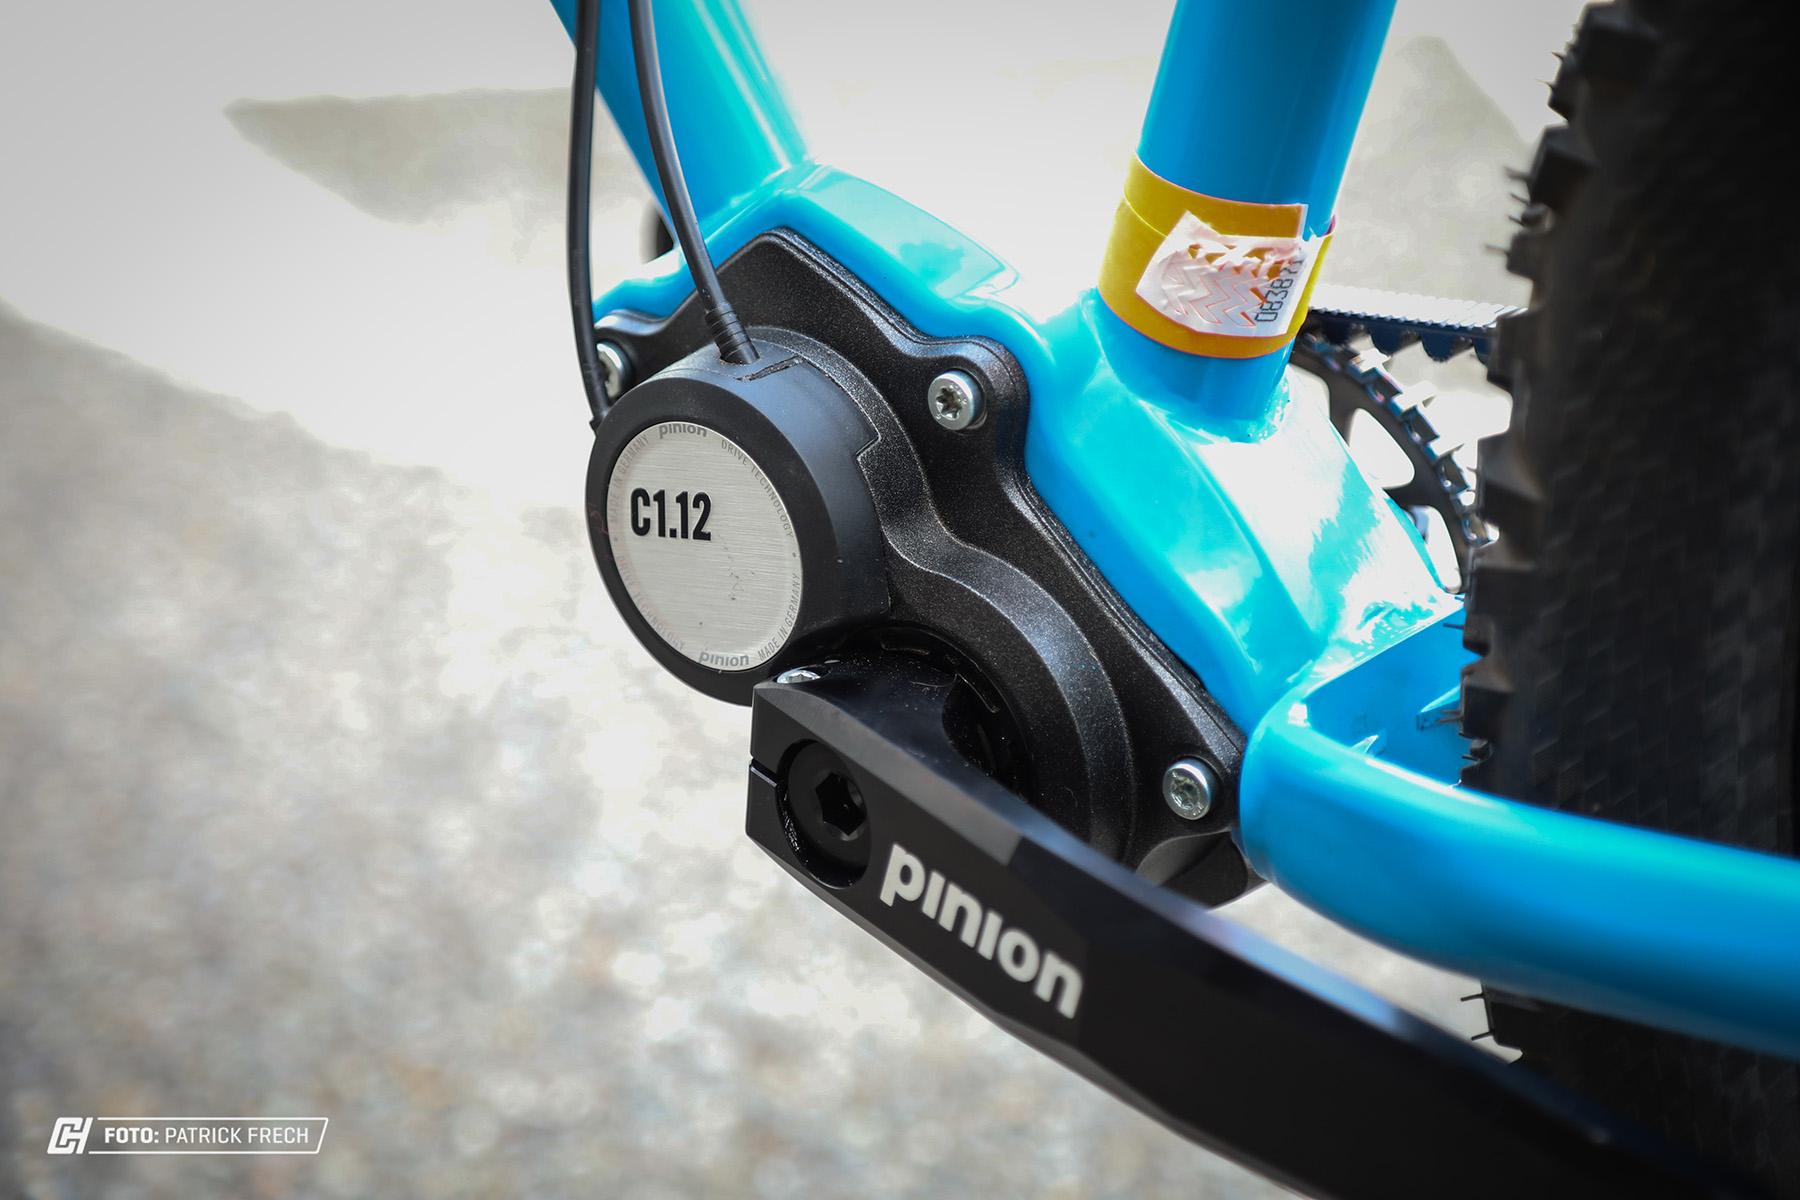 Herzstück des Stahlrahmens ist das Pinion C1.12 Getriebe.